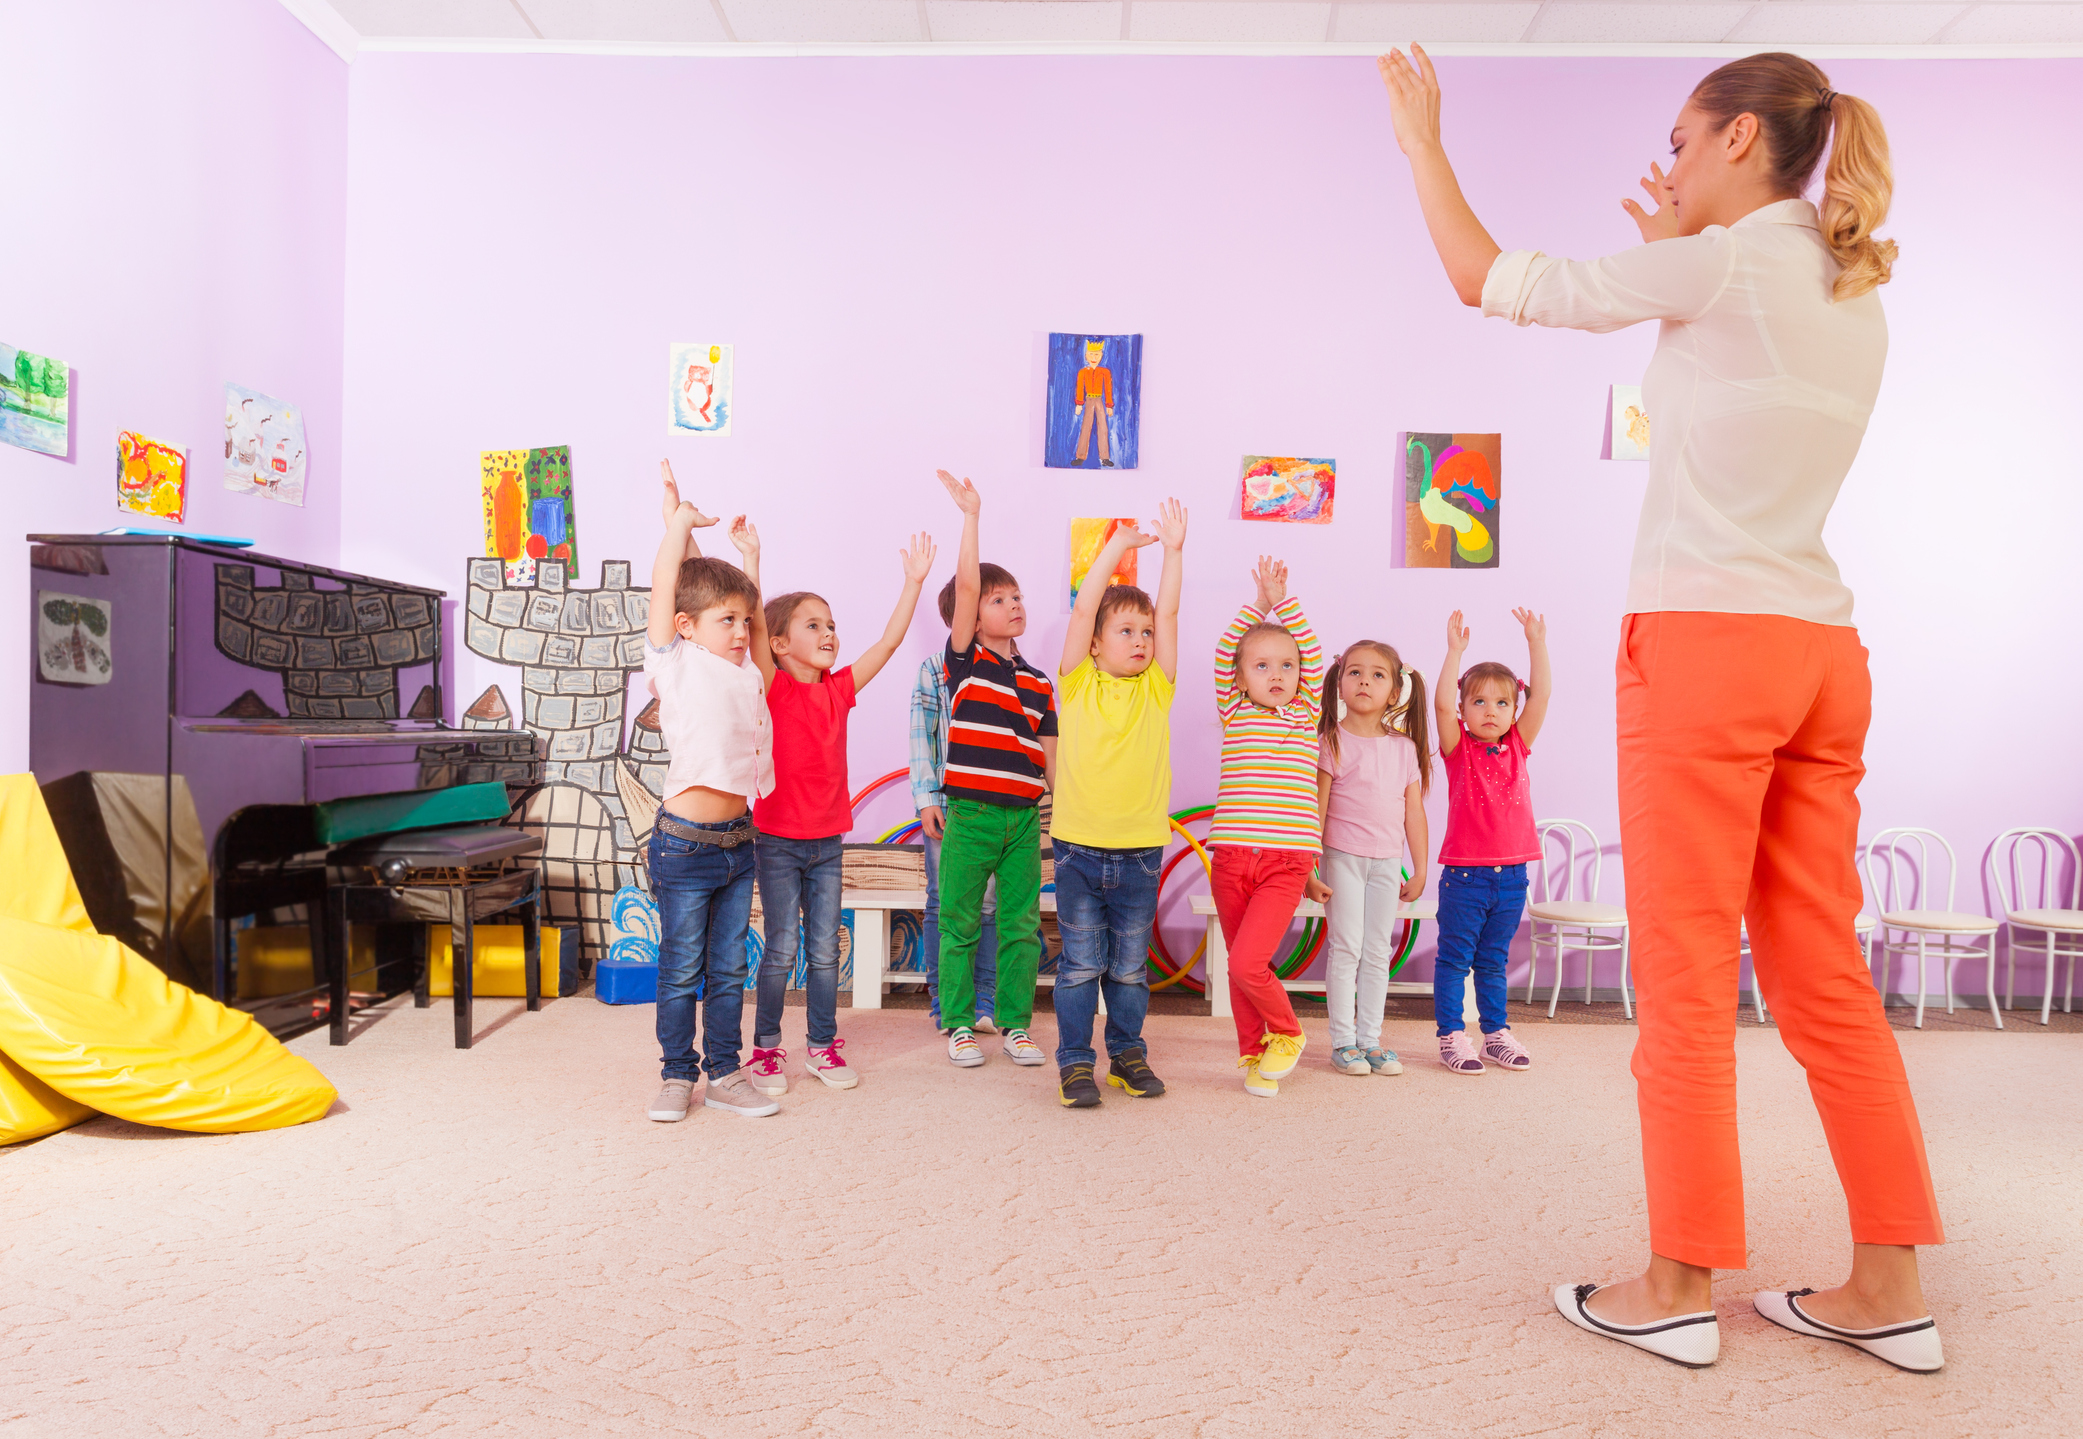 Bewegung Für Kinder   Interview Mit Prof. Dr. Renate Zimmer   Kinderwelt